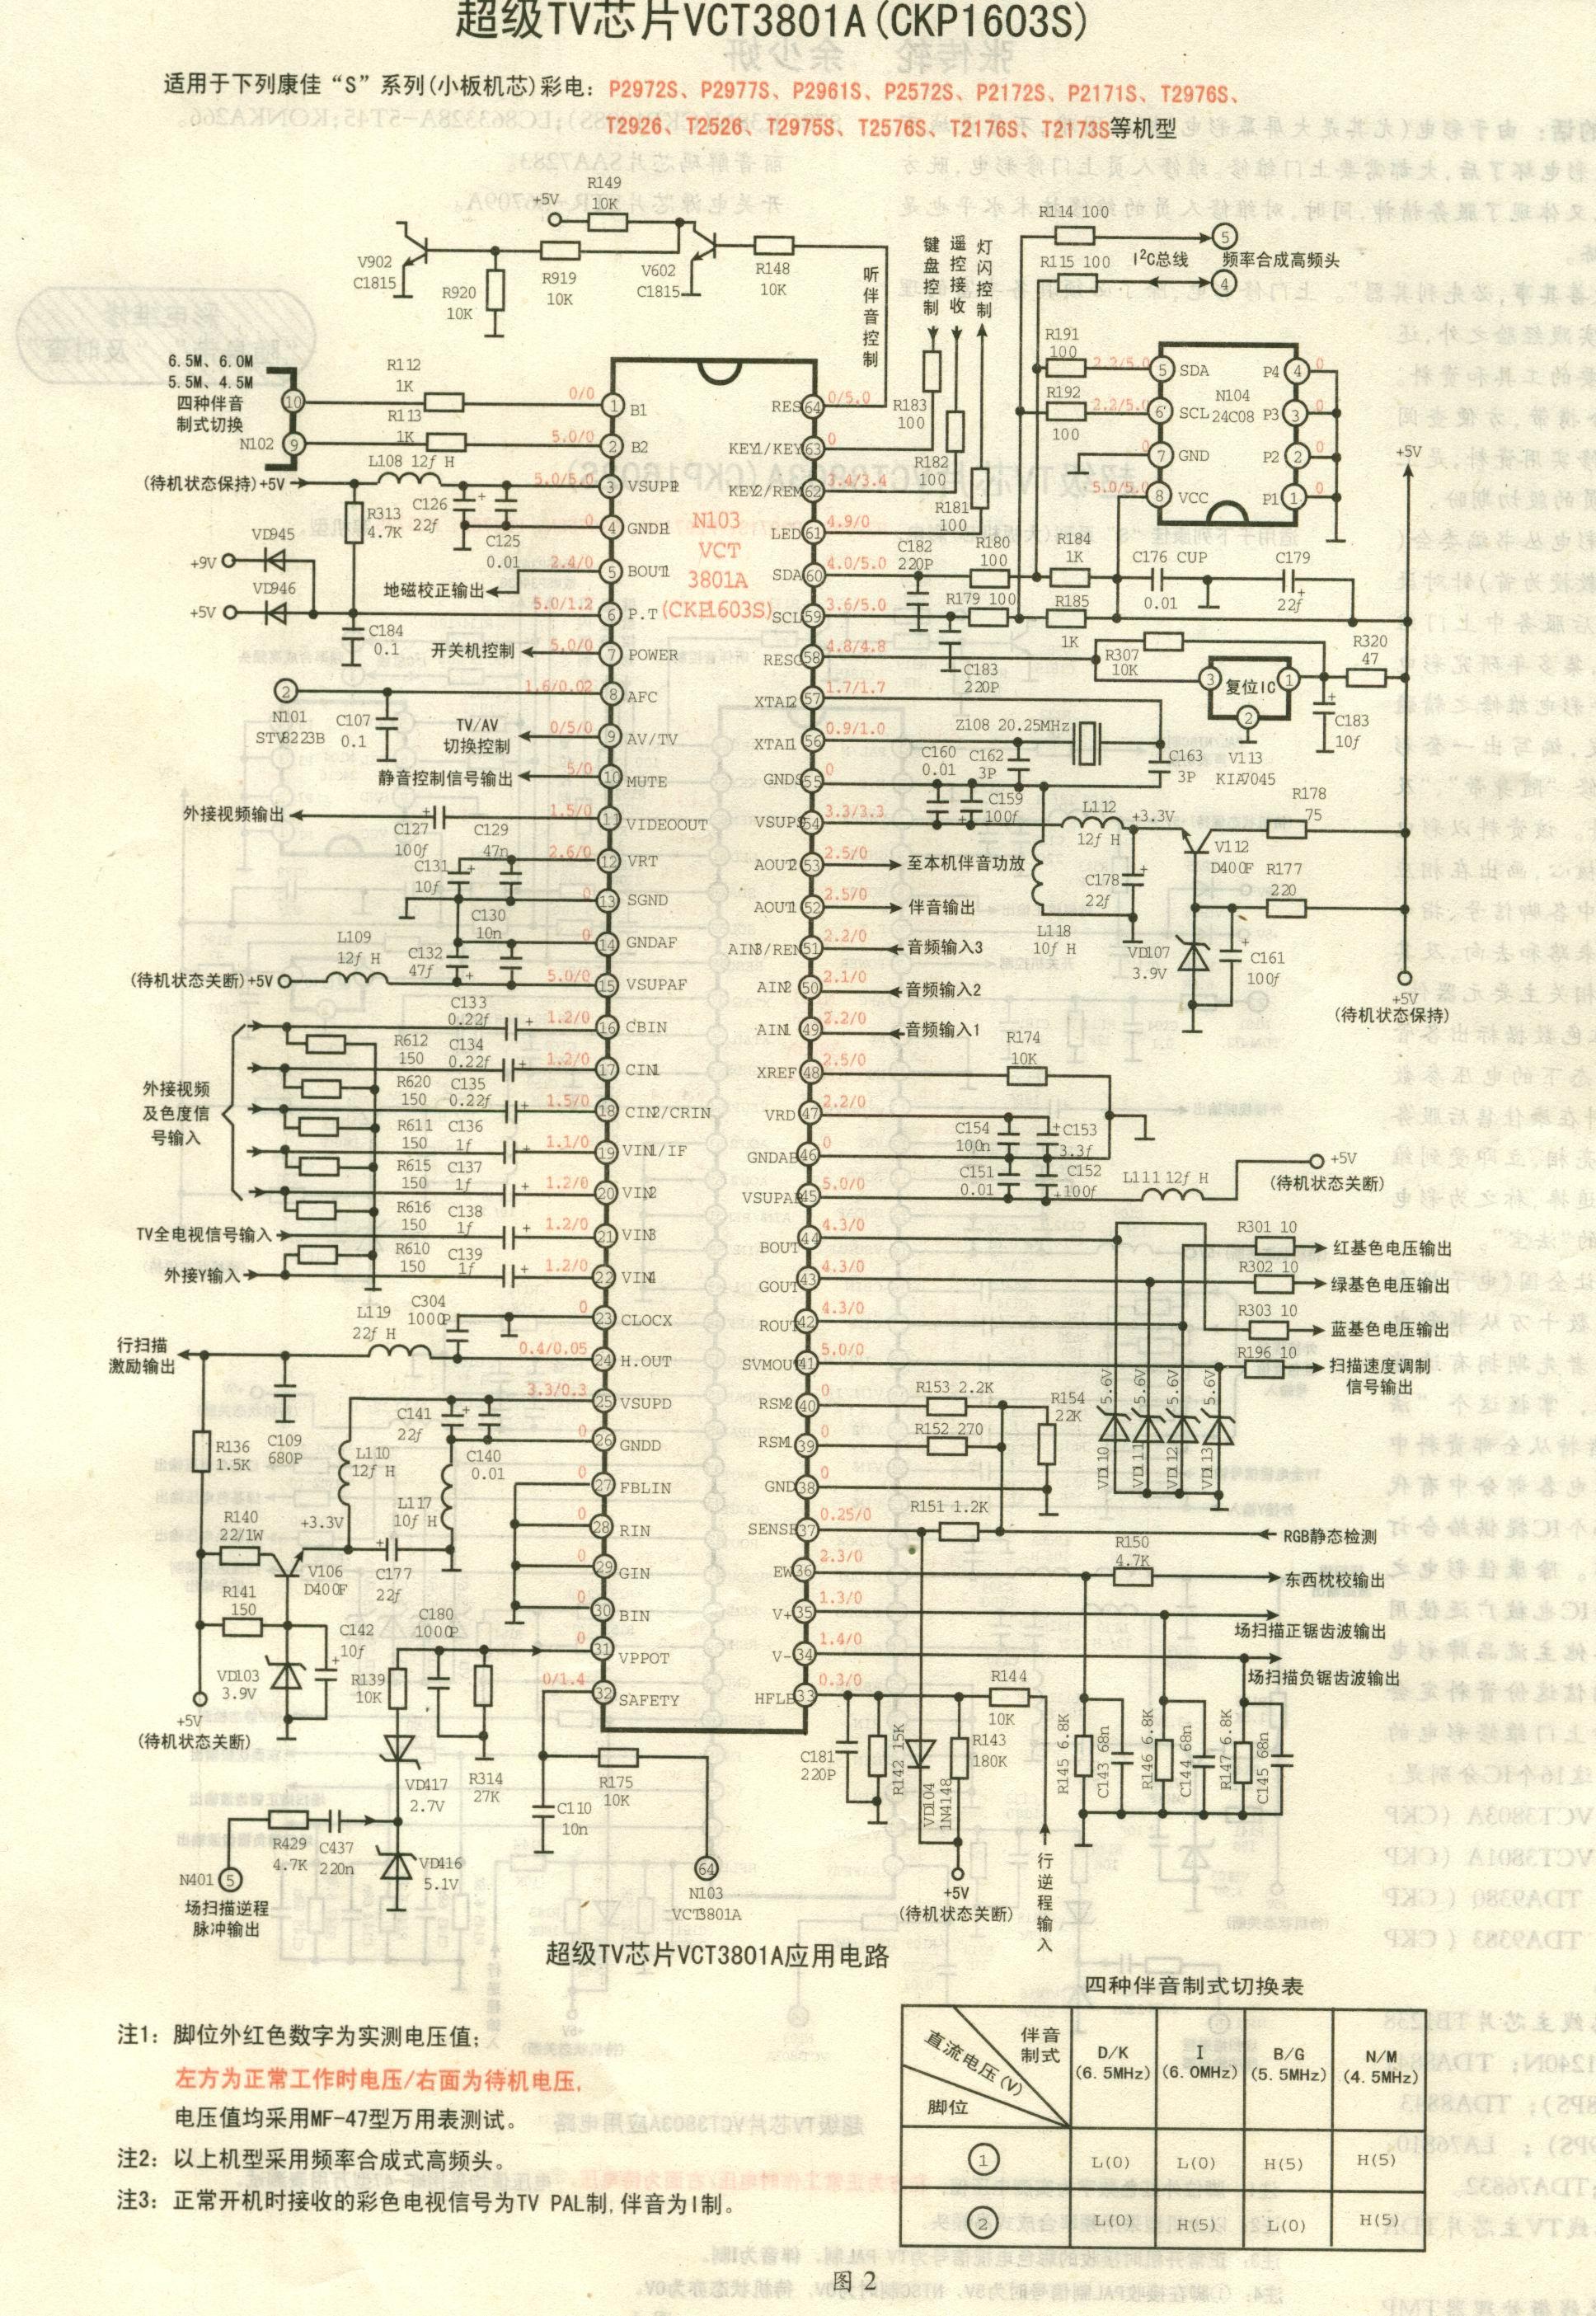 康佳p2571s图纸或vct3801集成块资料